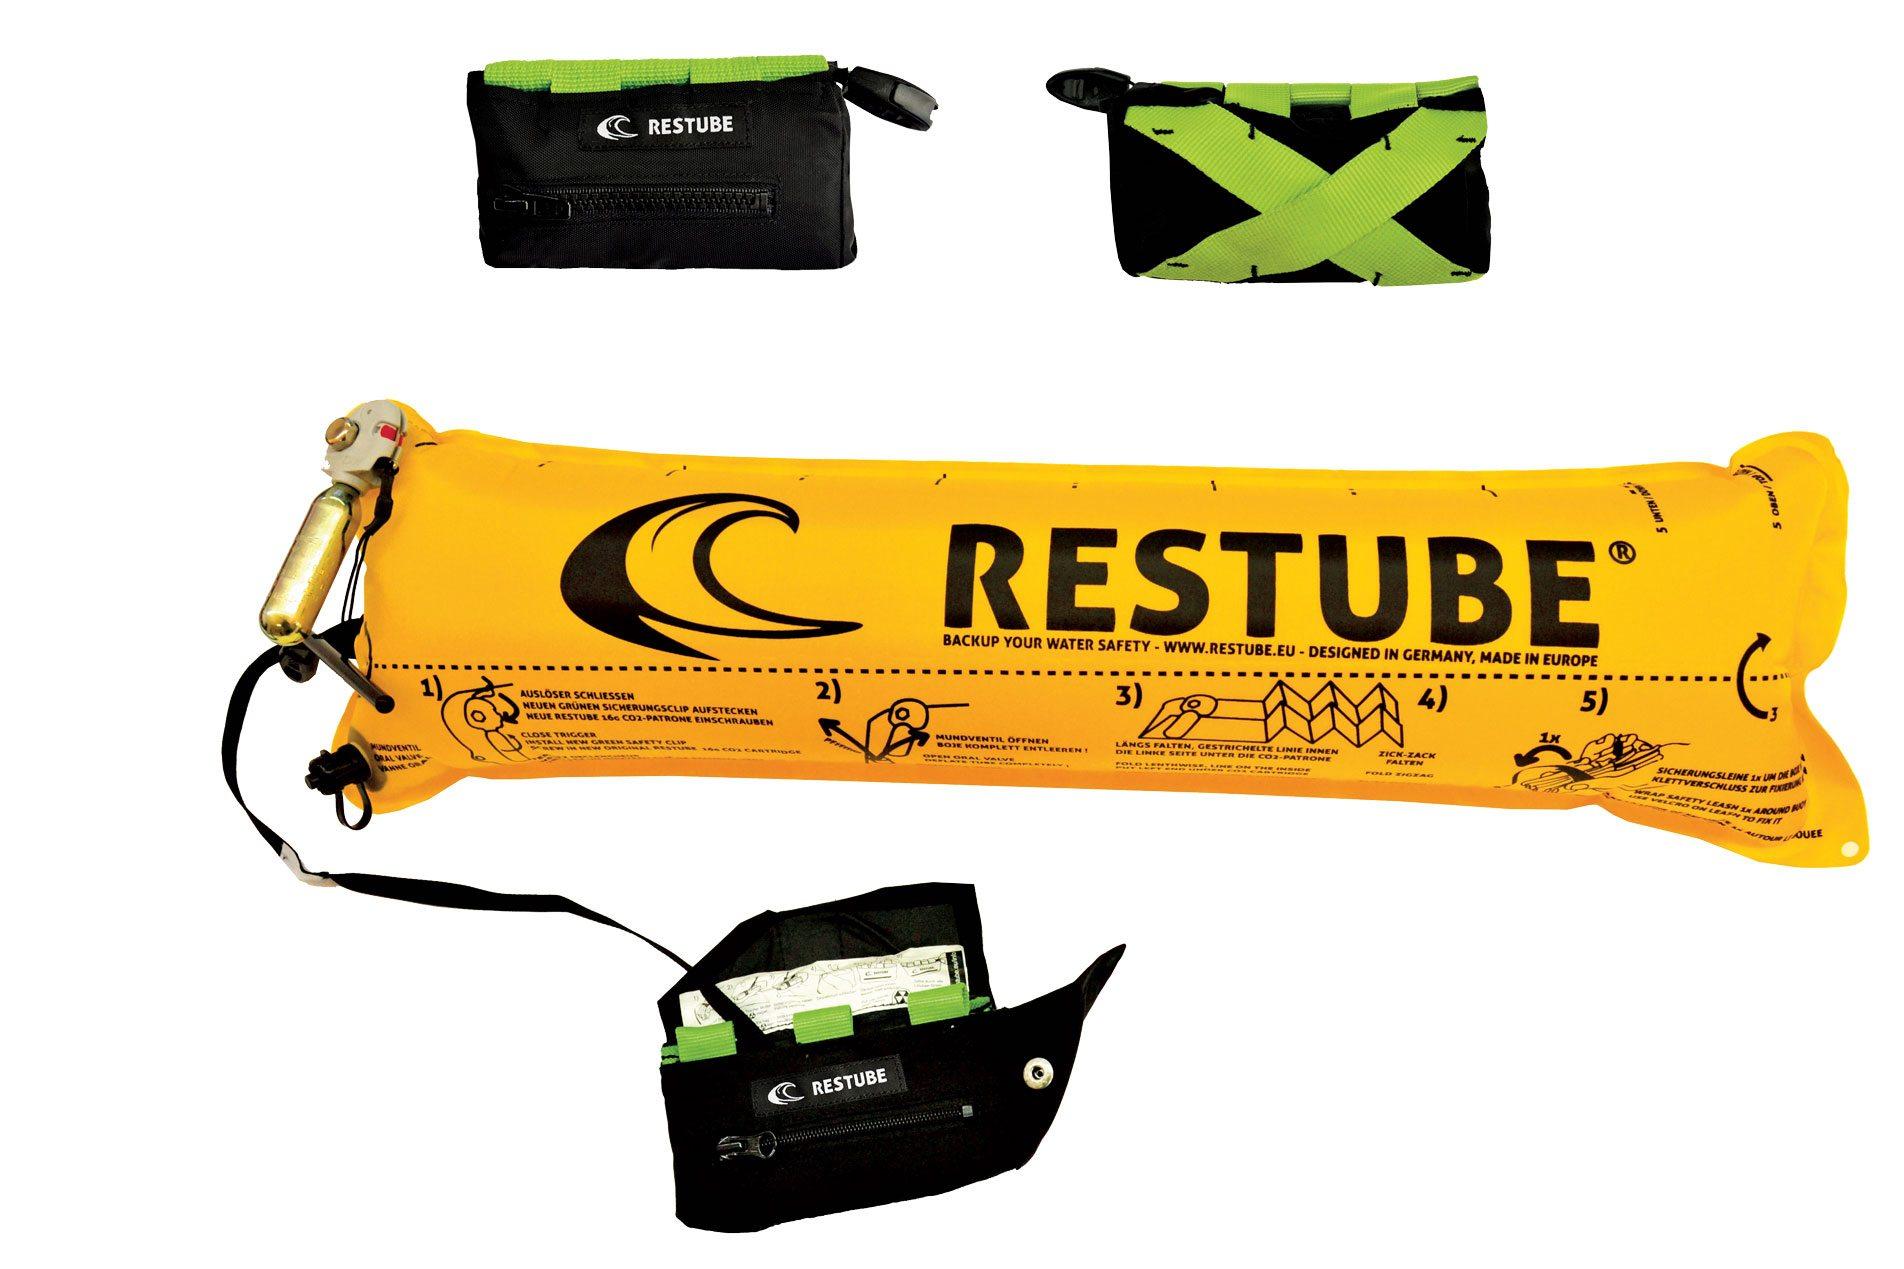 Restube beltpack. Photo courtesy of Restube